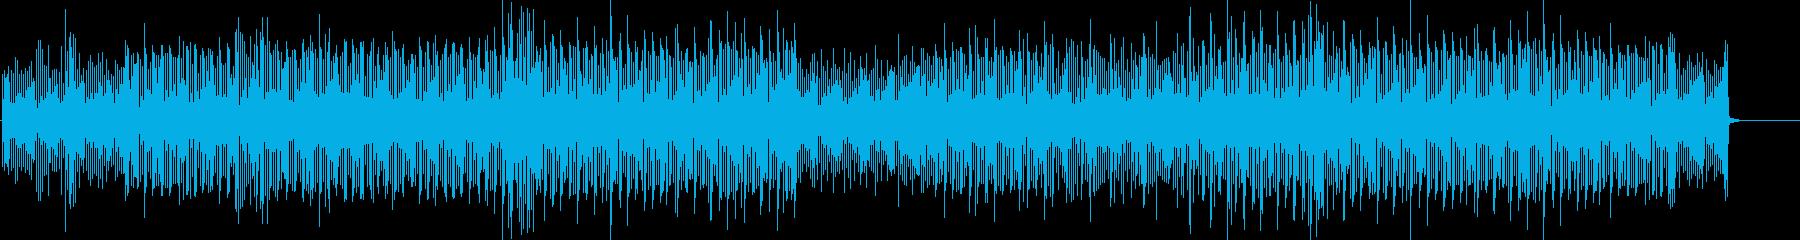 電子楽器。 「危険」要素を伴うアク...の再生済みの波形